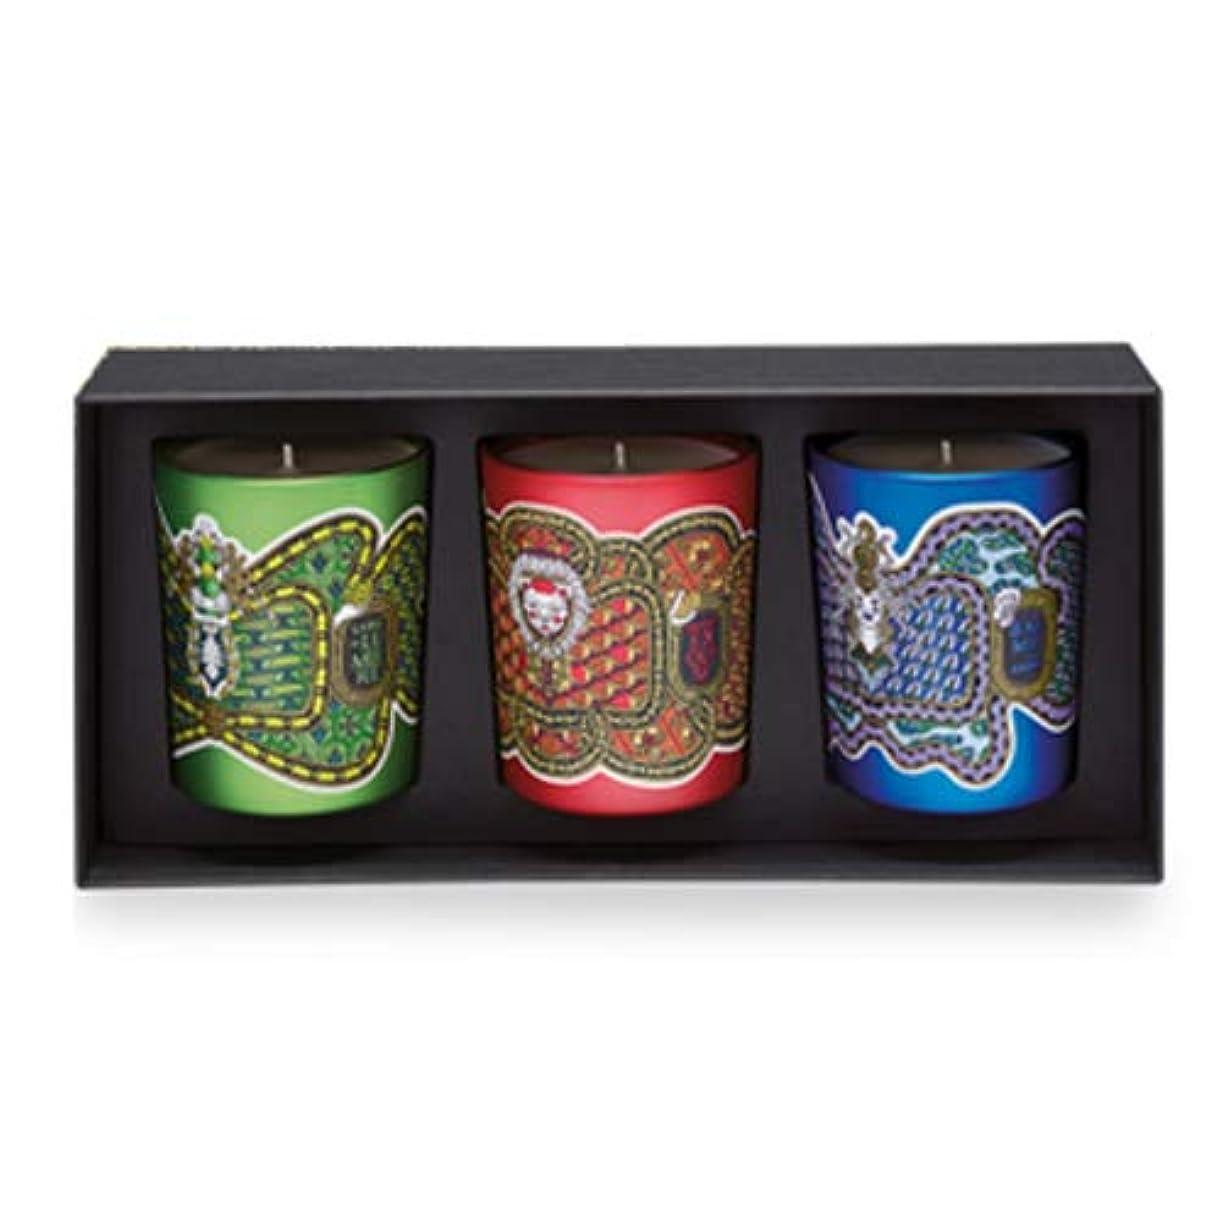 微妙ゆでる電池ディプティック フレグランス キャンドル コフレ 3種類の香り 190g×3 DIPTYQUE LEGENDE DU NORD SCENTED HOLIDAY 3 CANDLE SET [6586] [並行輸入品]